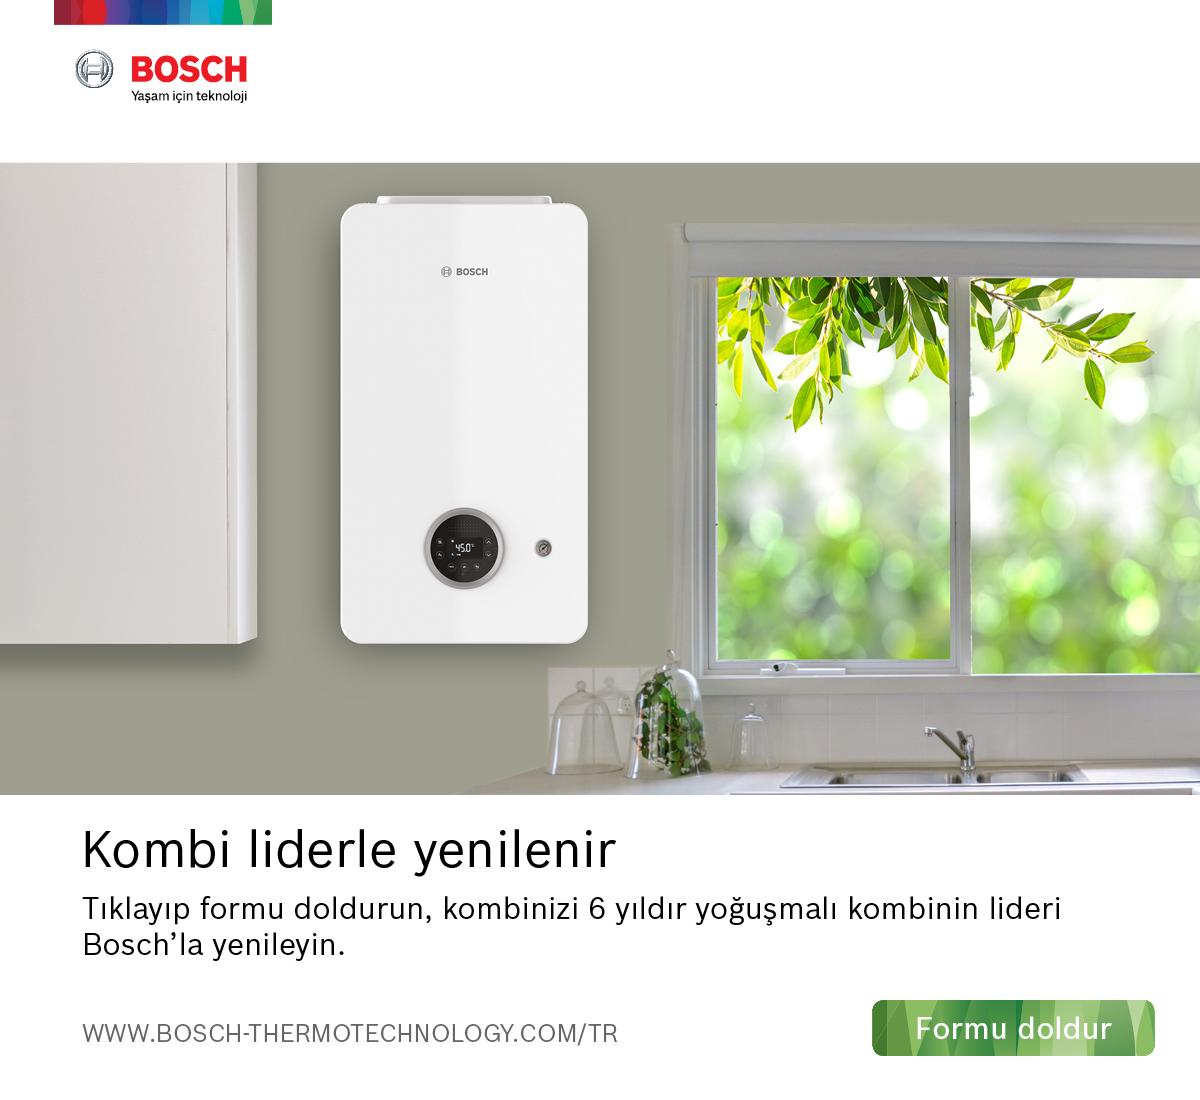 Bosch Termoteknoloji'den kombi yenileme kampanyası  http://bit.ly/38mbztE   @BoschTermoTR   @BoschTurkey   #ısıtma  #soğutma  #kampanya  #iklimlendirme  #mechanic  #dergisi  #pazartesi